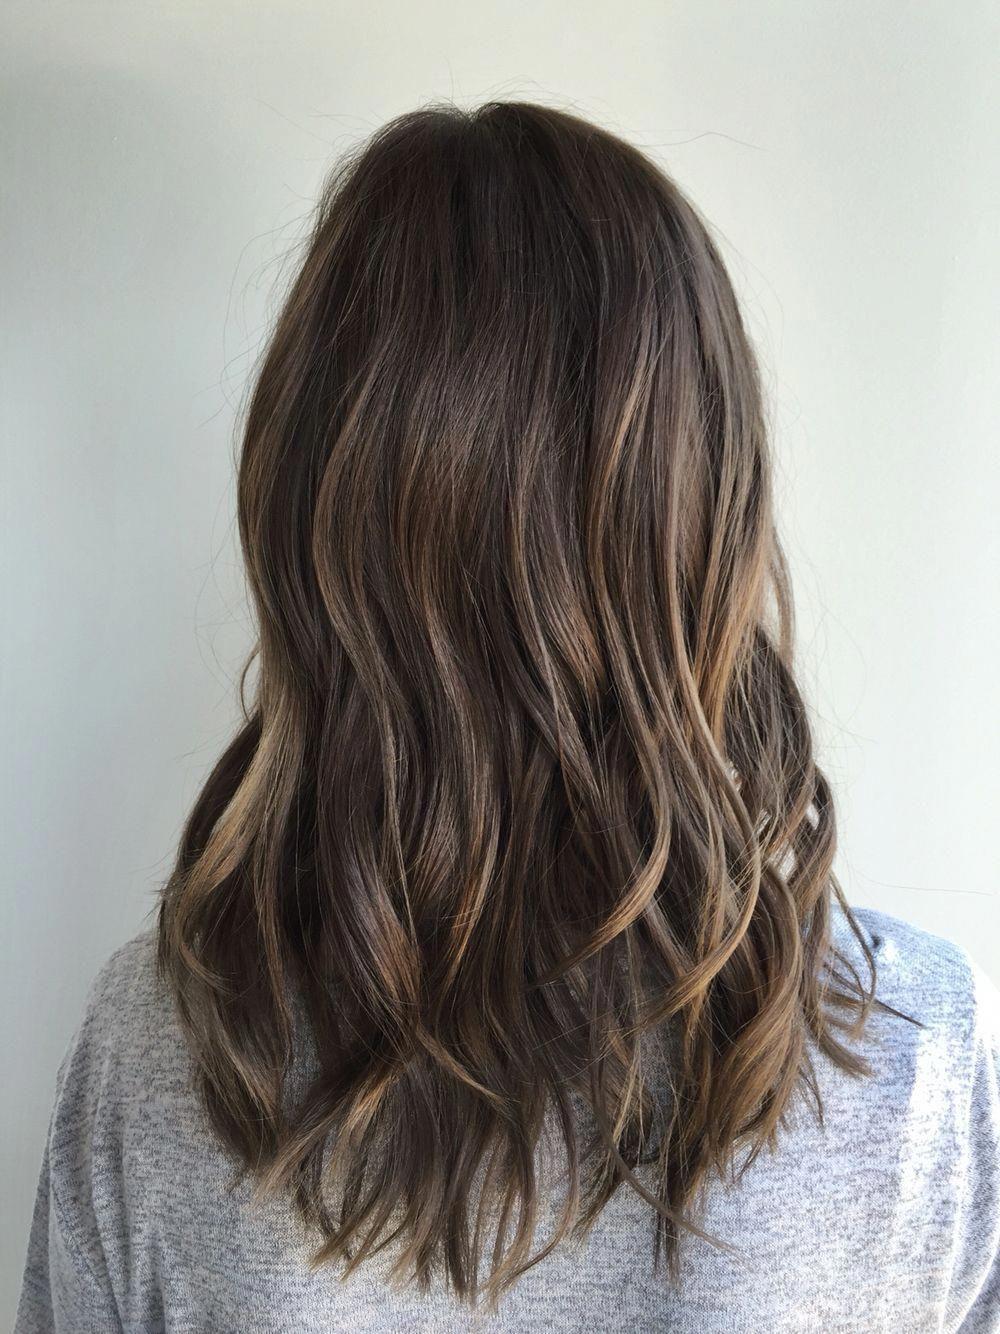 Dark Blonde Light Brown Hair Color Blonde Highlights On Dark Hair Blonde Hair With Highlights Dark Blonde Balayage